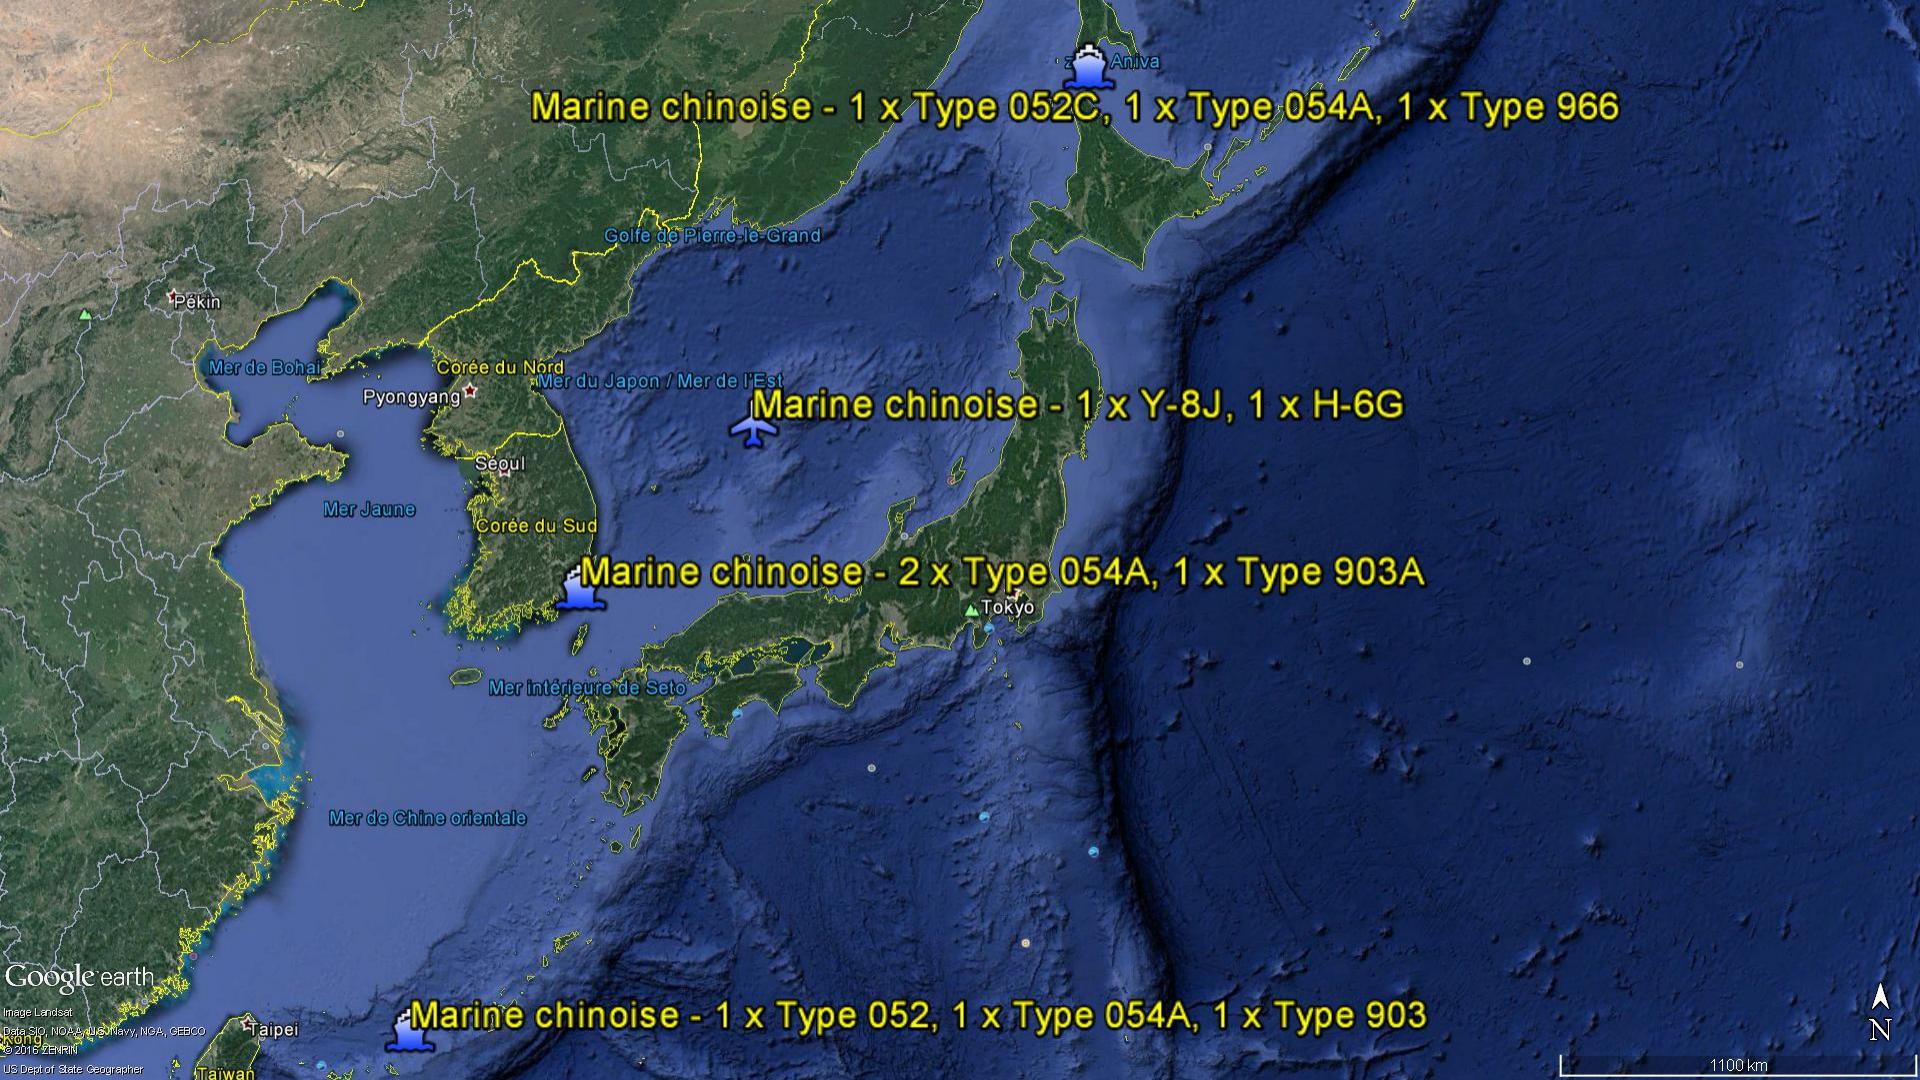 2016 08 19 - La marine chinoise autour du Japon - 01